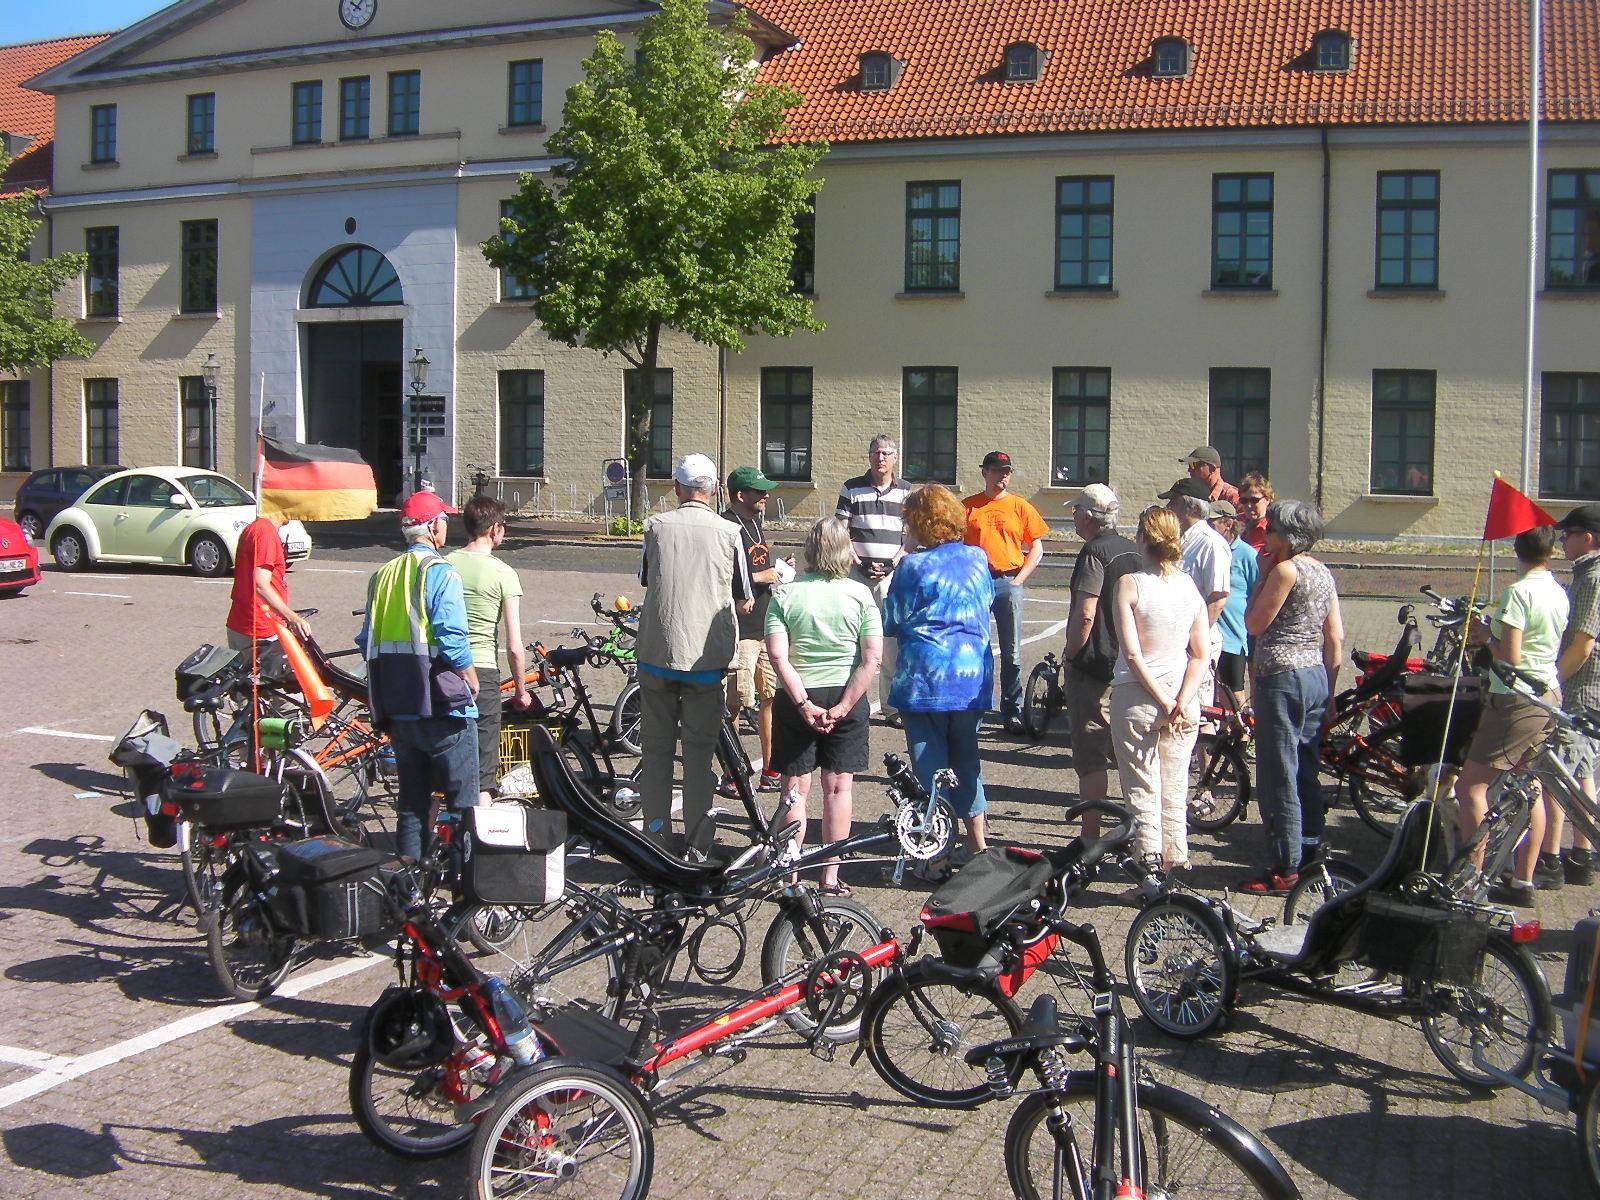 Start nach Sannum am Sonntag 25. Mai - Terffpunkt Pferdemarkt!